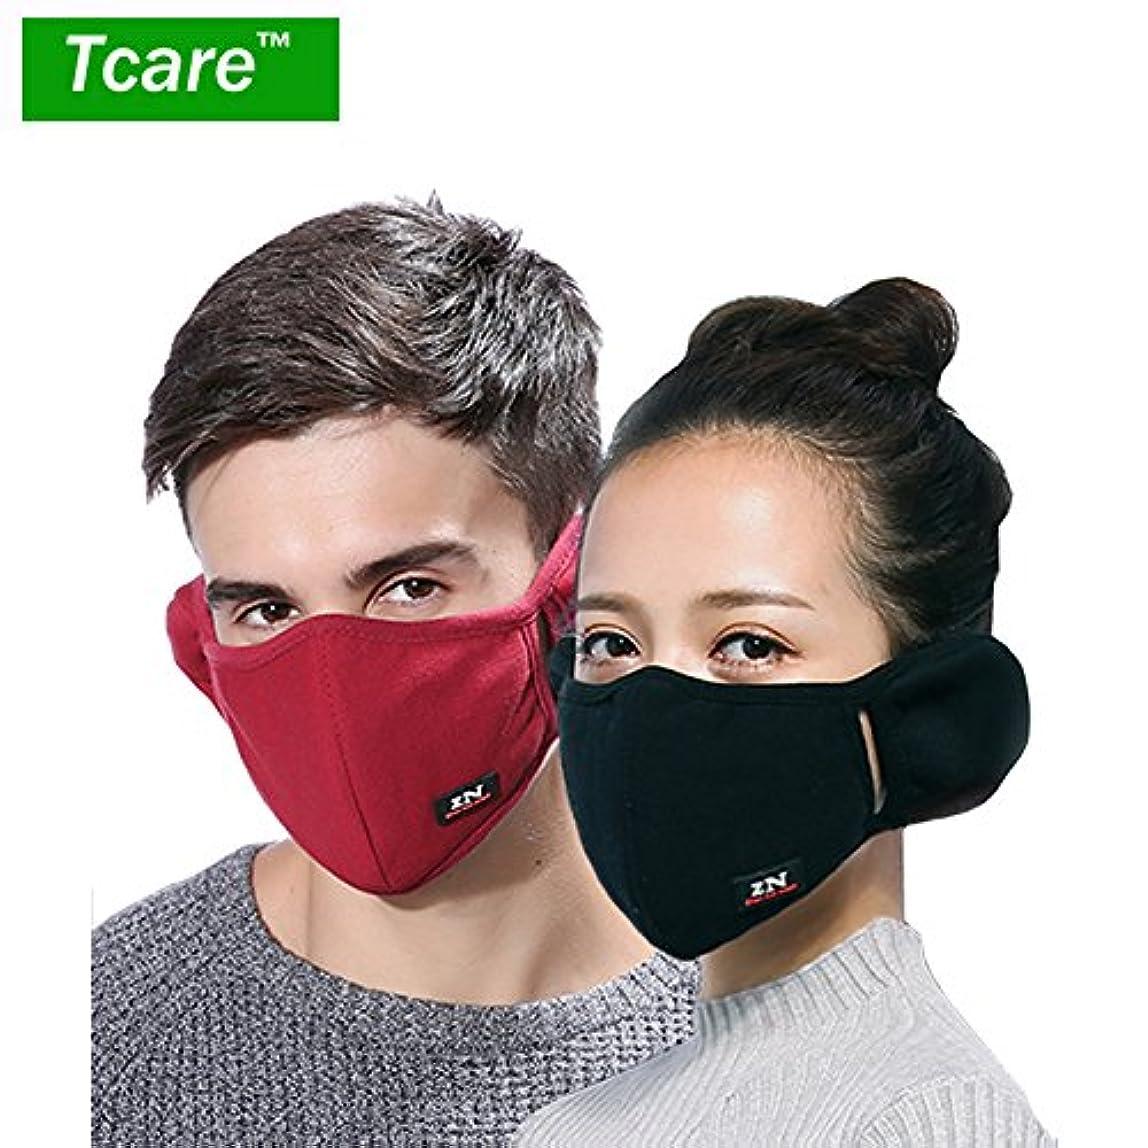 顔料被るなだめる男性女性の少年少女のためのTcare呼吸器2レイヤピュアコットン保護フィルター挿入口:9グレー